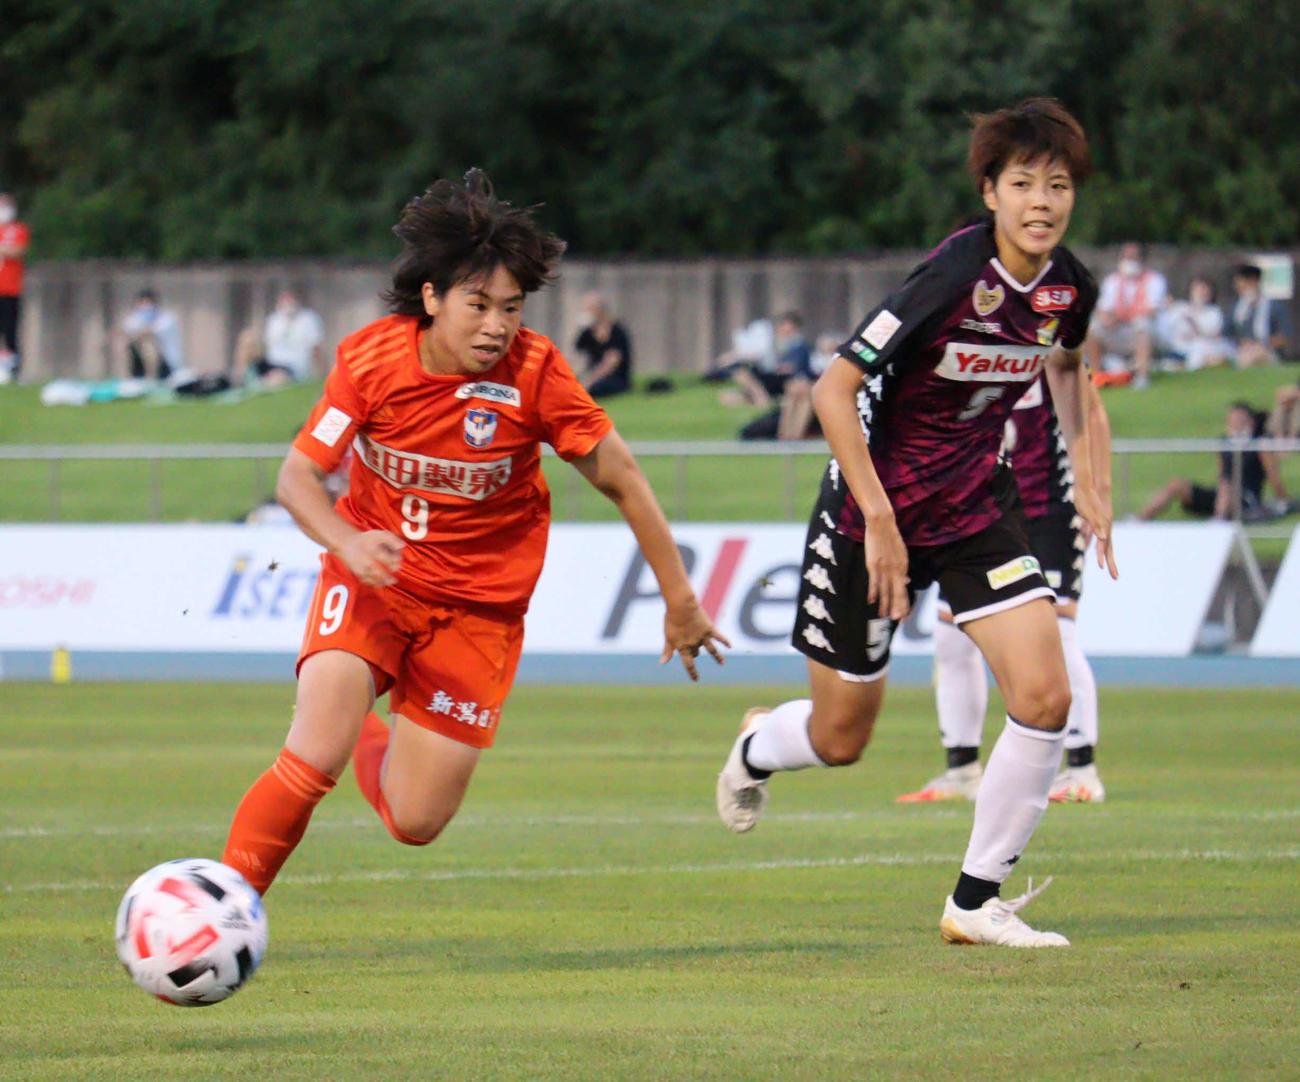 新潟L児野(左)は、3試合連続となるゴールを決める(20年8月22日撮影)